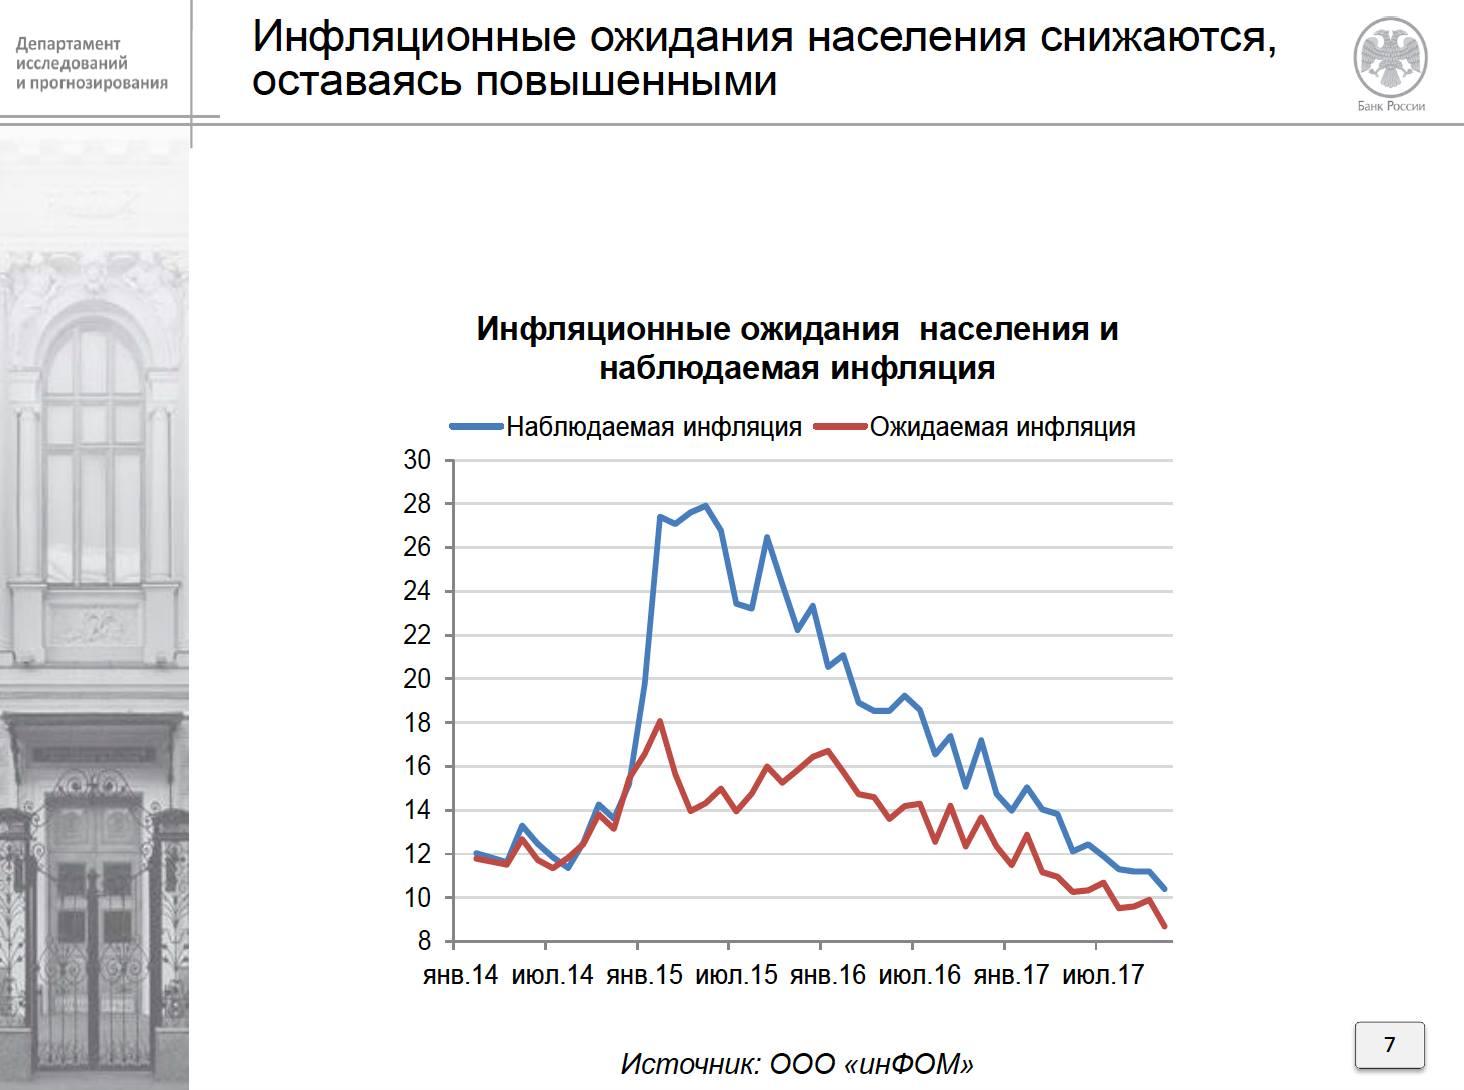 презентация ЦБ о реальной инфляции